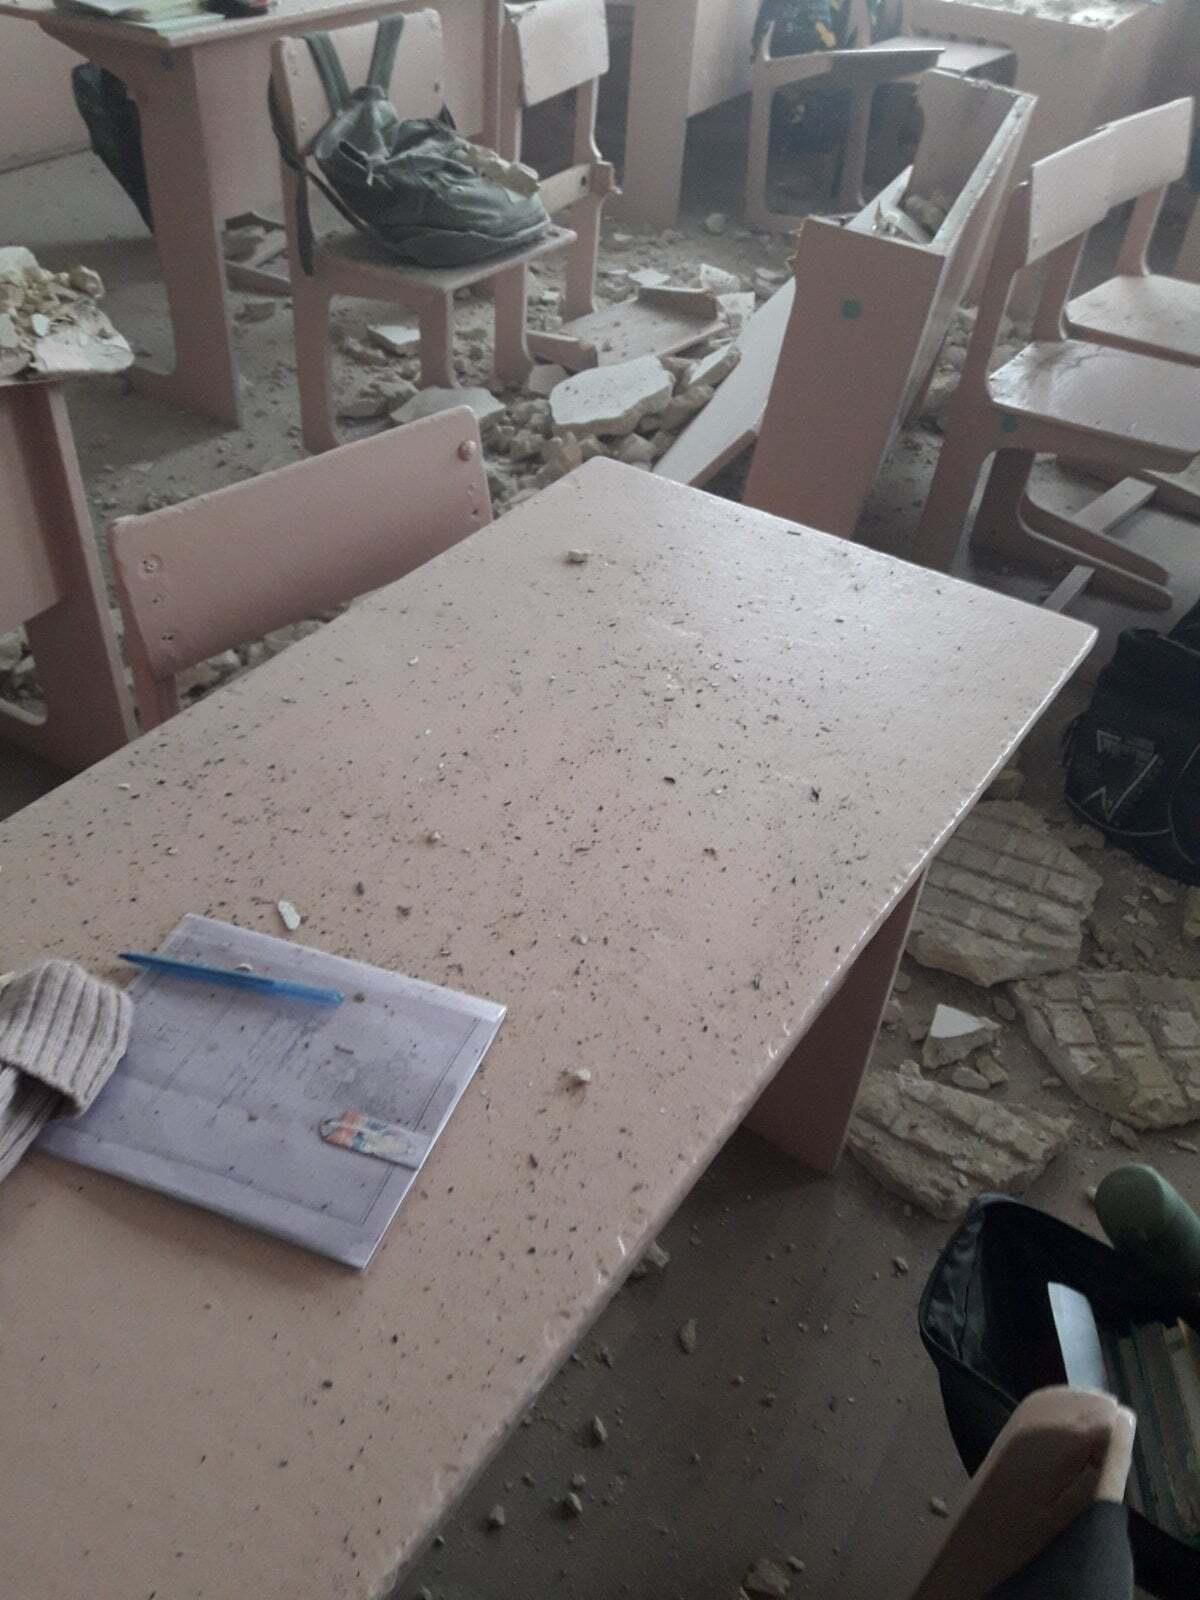 Потолок обвалился на перемене, и в классе никого не было